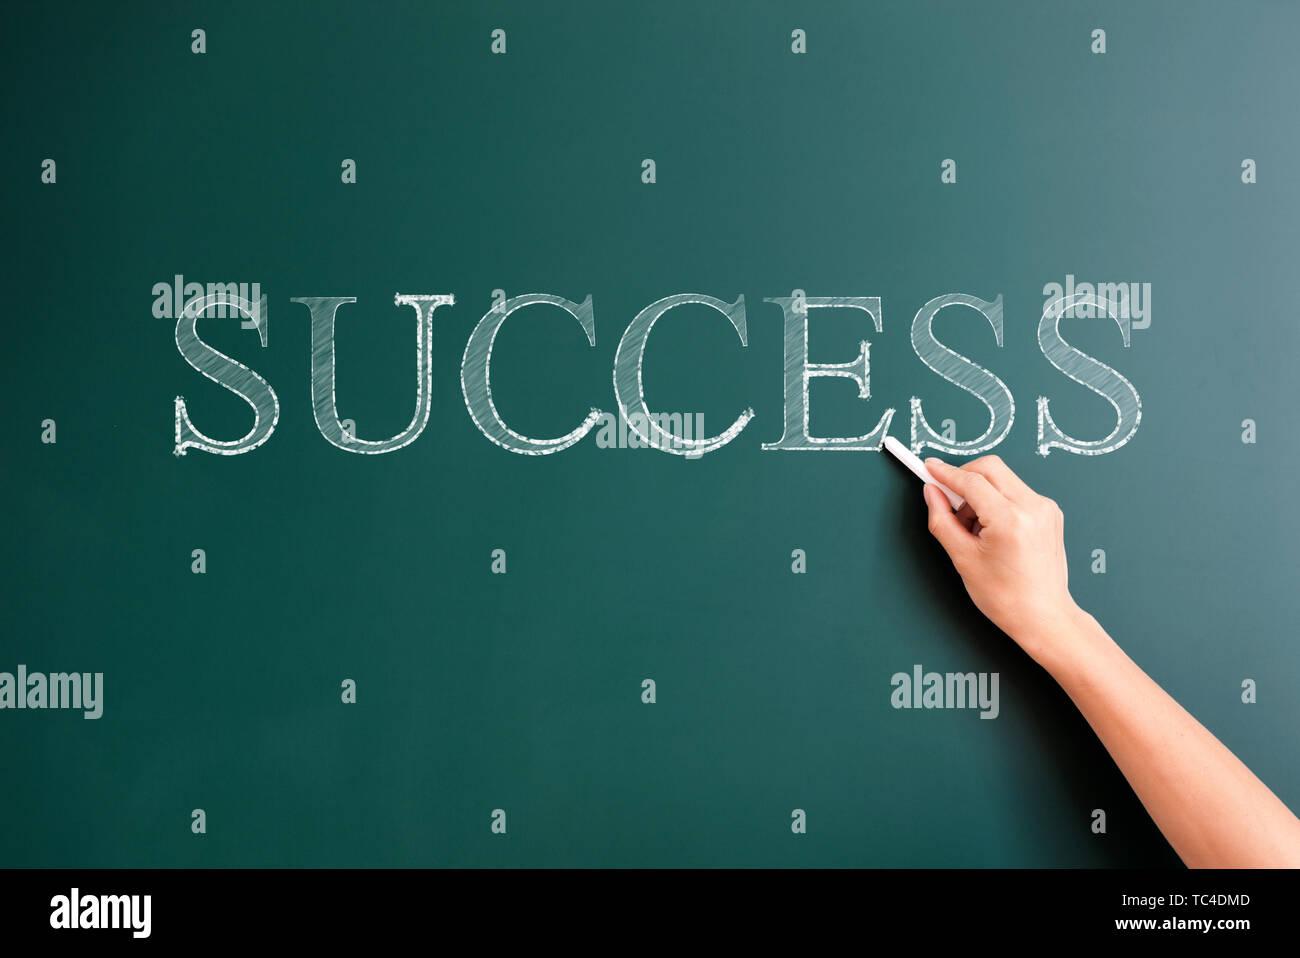 success written on blackboard - Stock Image